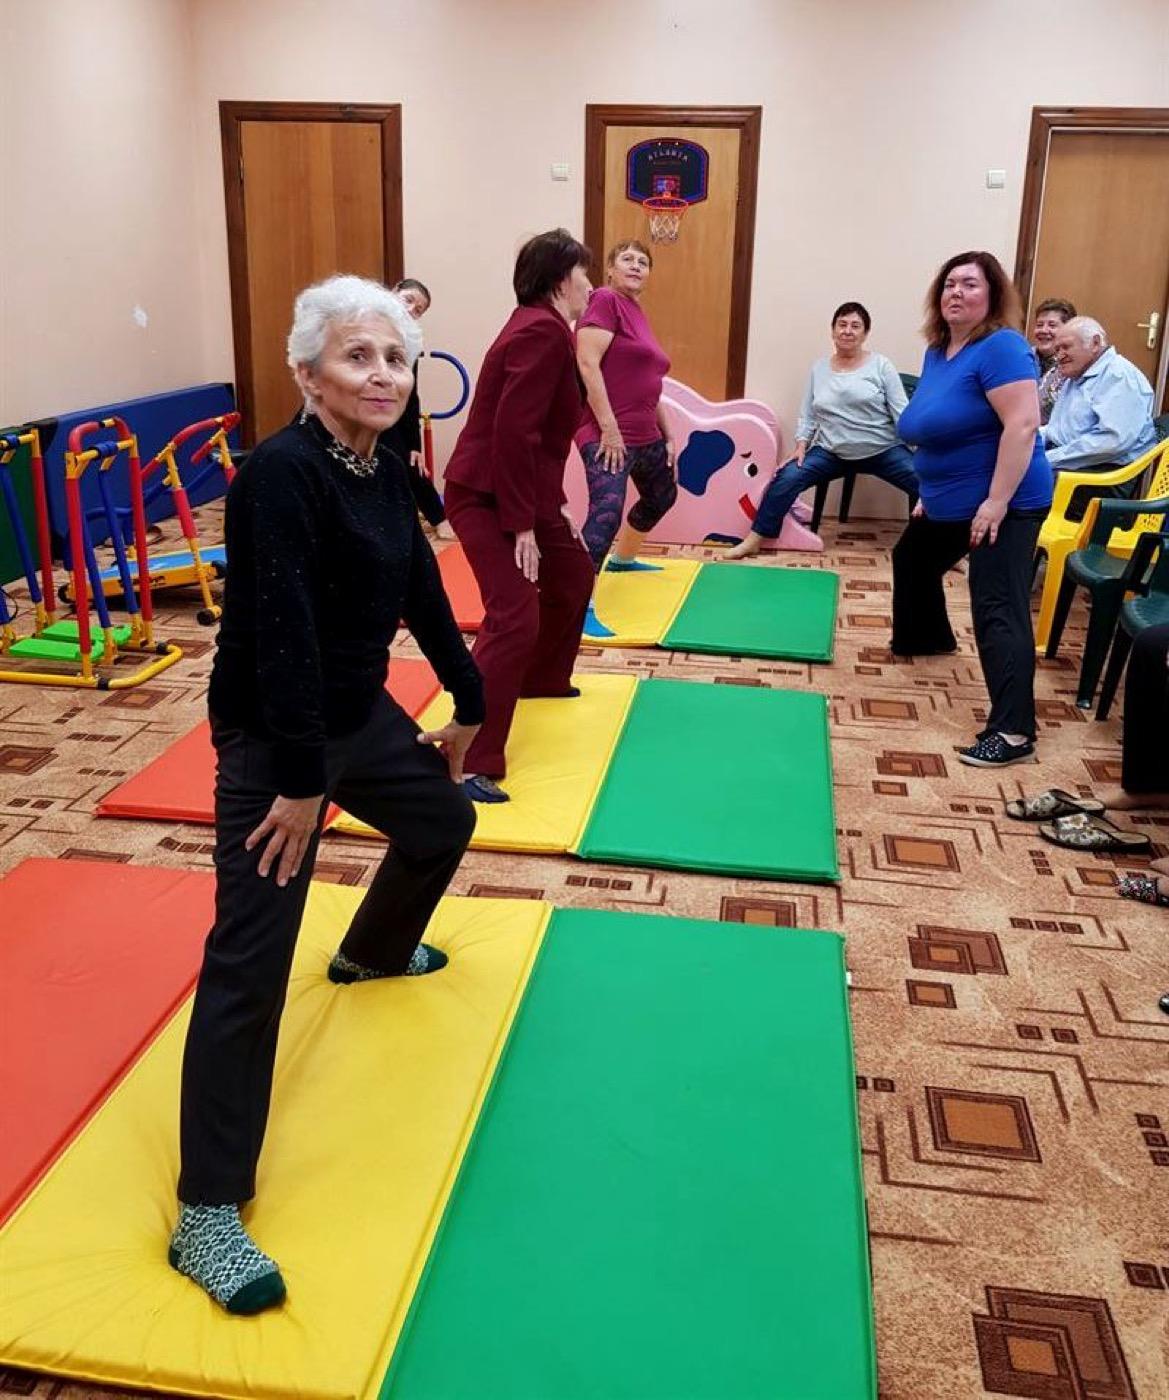 Новости Коломны   Программа «Активное долголетие» успешно реализуется в Коломне более четырех месяцев Фото (Коломна)   iz zhizni kolomnyi